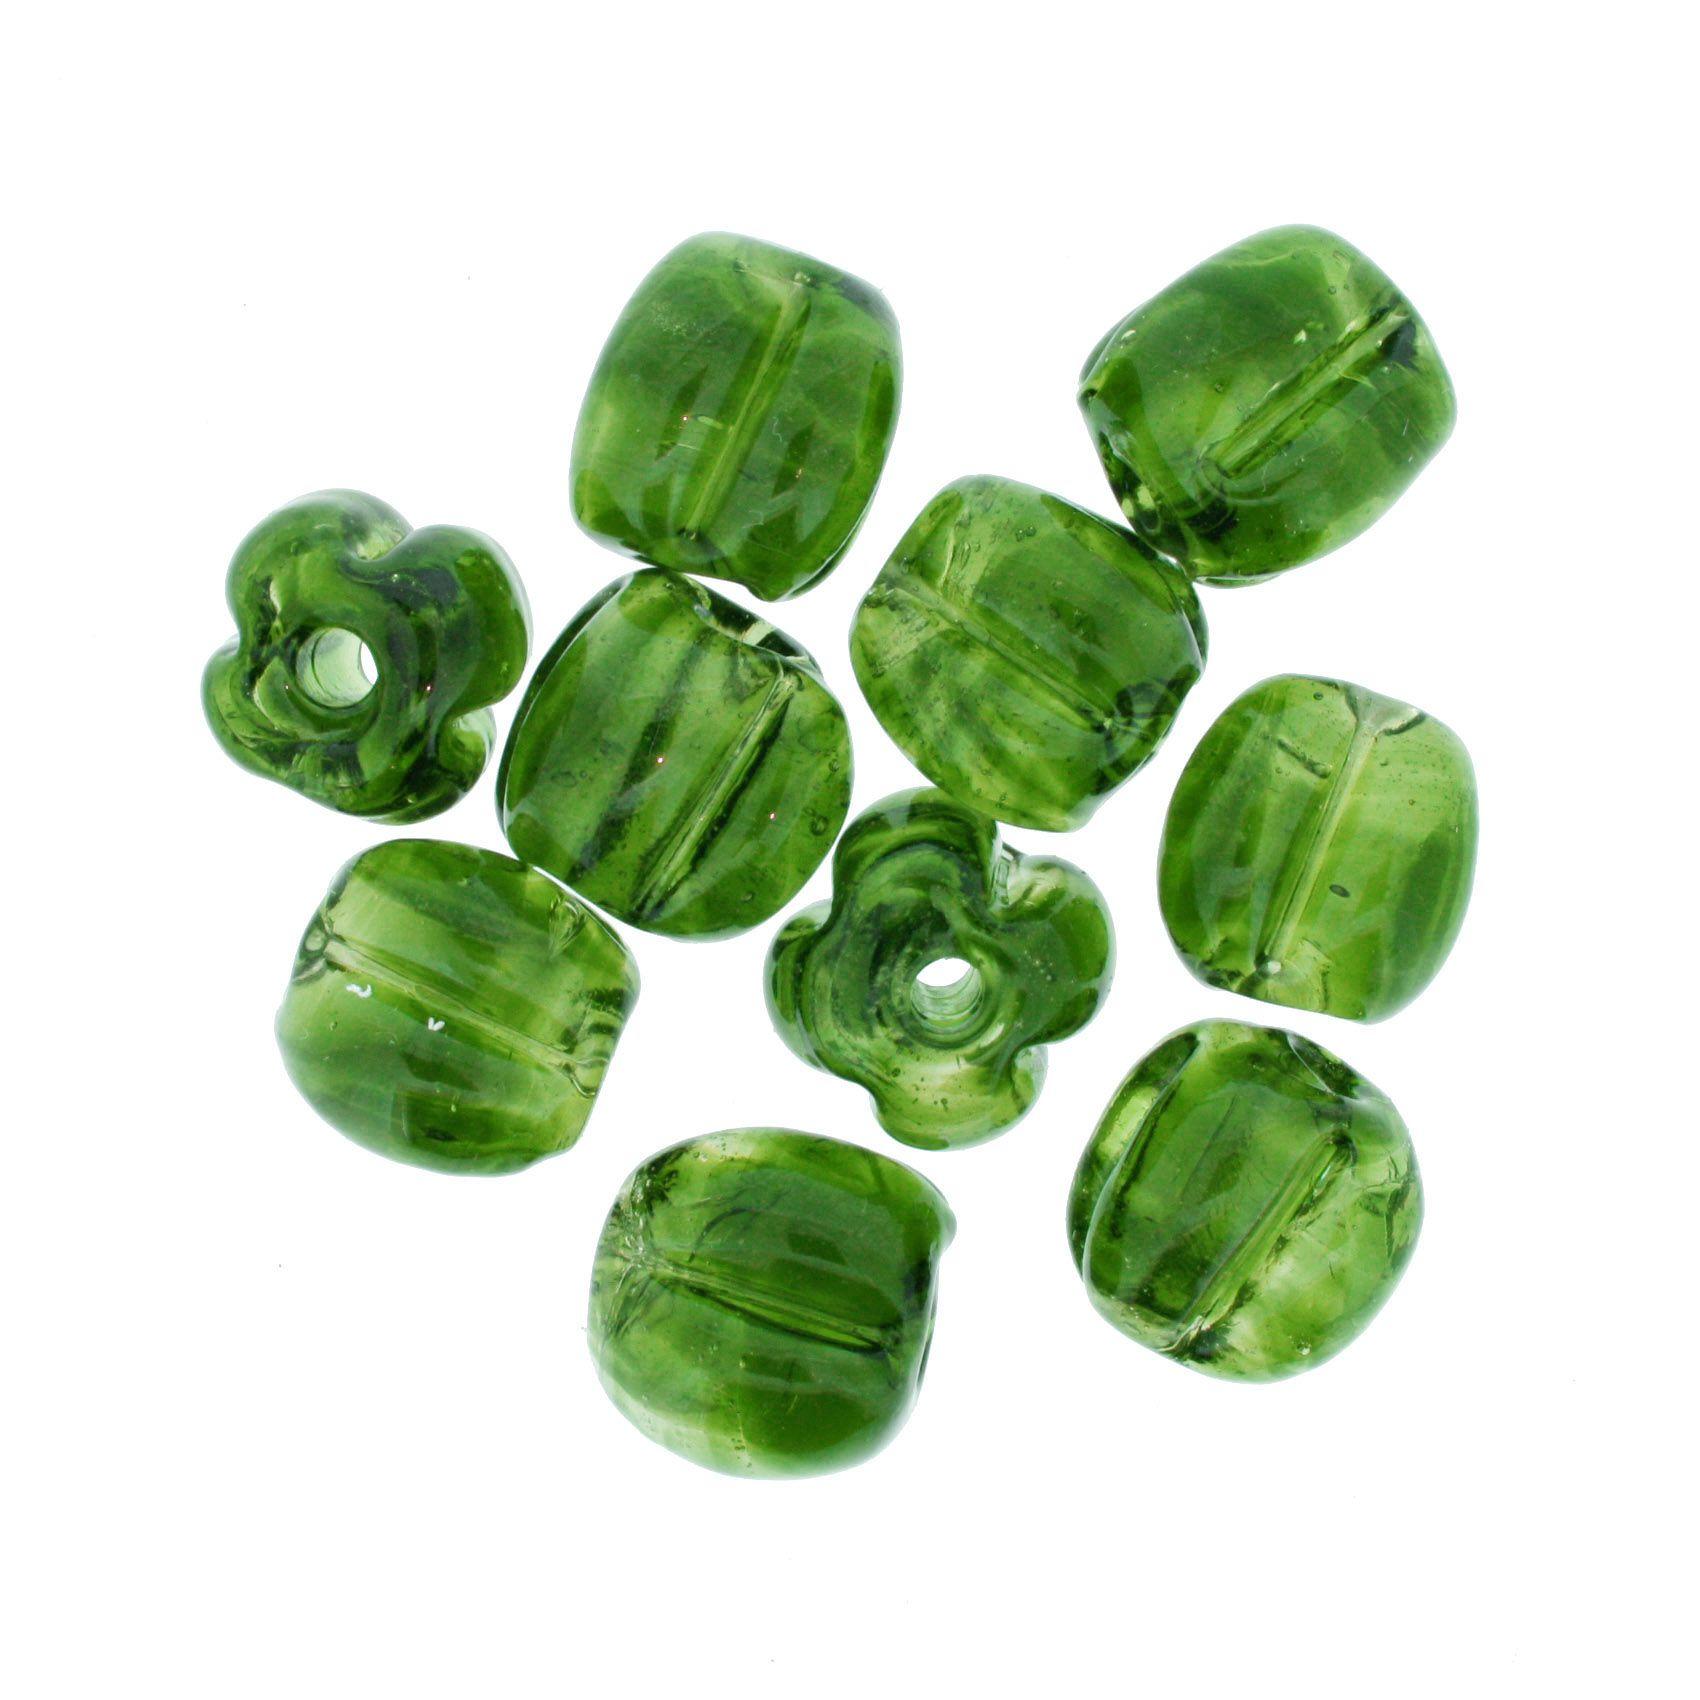 Firma Pitanga - Verde Transparente  - Stéphanie Bijoux® - Peças para Bijuterias e Artesanato